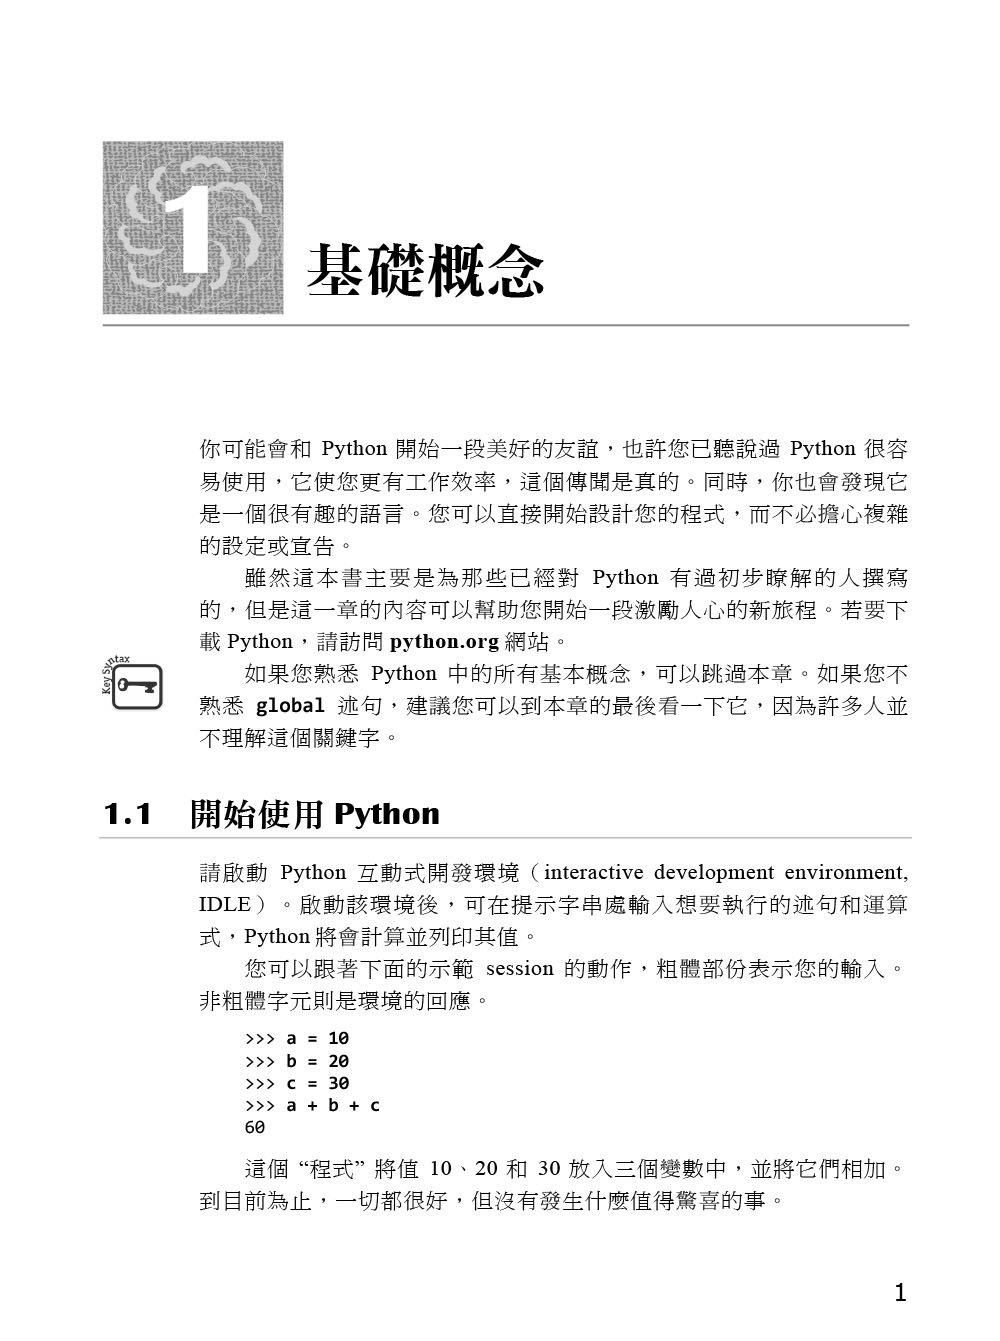 增壓的 Python|讓程式碼進化到全新境界 (Supercharged Python: Take Your Code to the Next Level)-preview-5